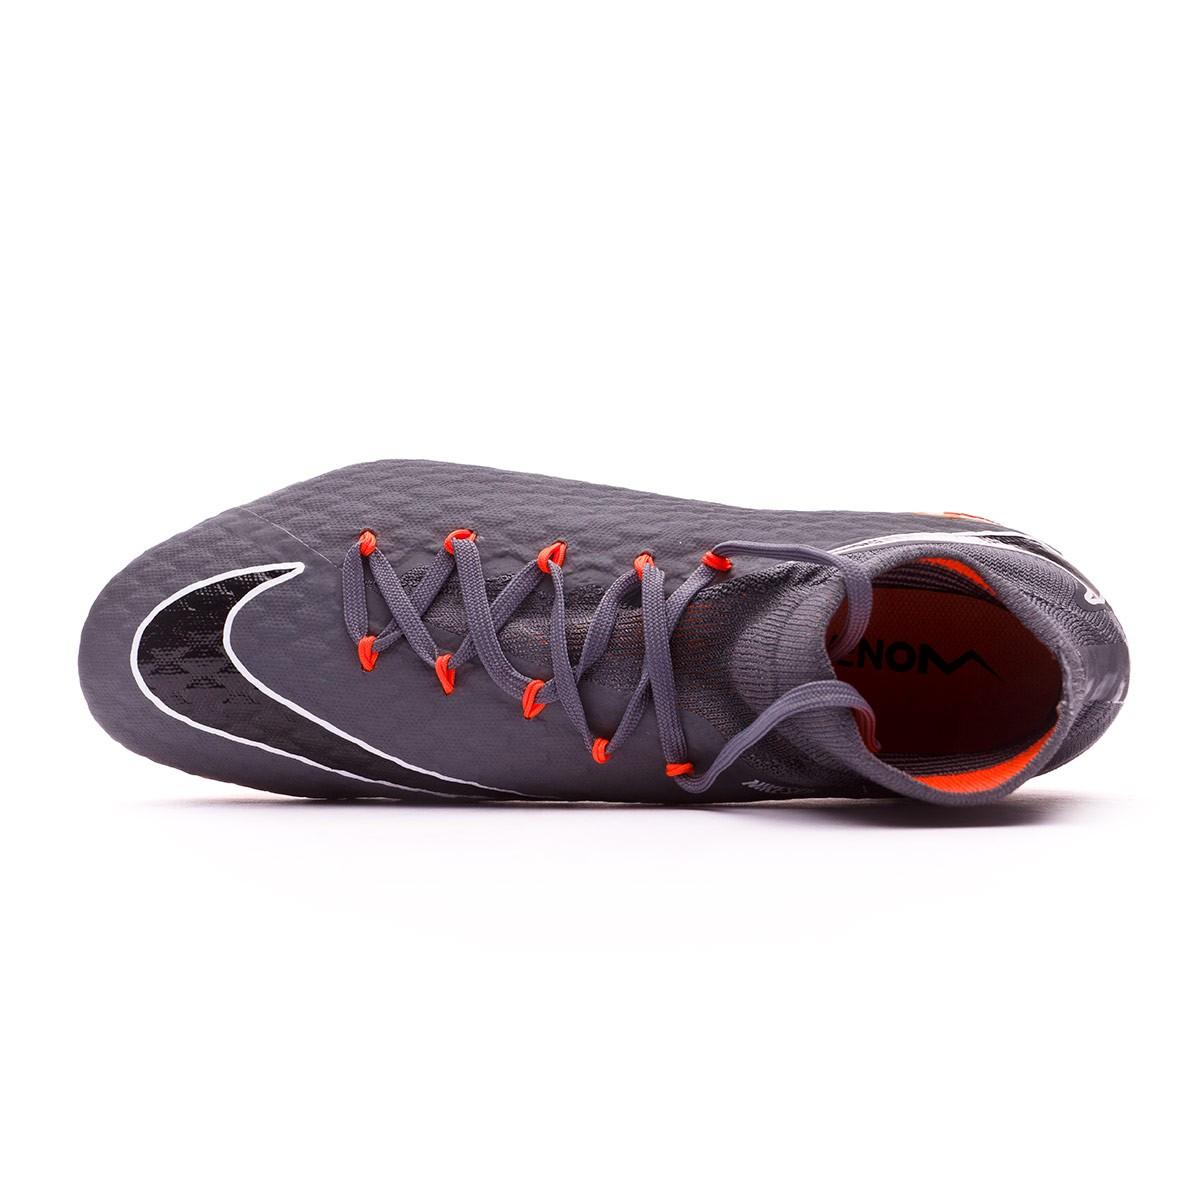 c564a44f329 Bota de fútbol Nike Hypervenom Phantom III Pro DF FG Dark grey-Total  orange-White - Tienda de fútbol Fútbol Emotion